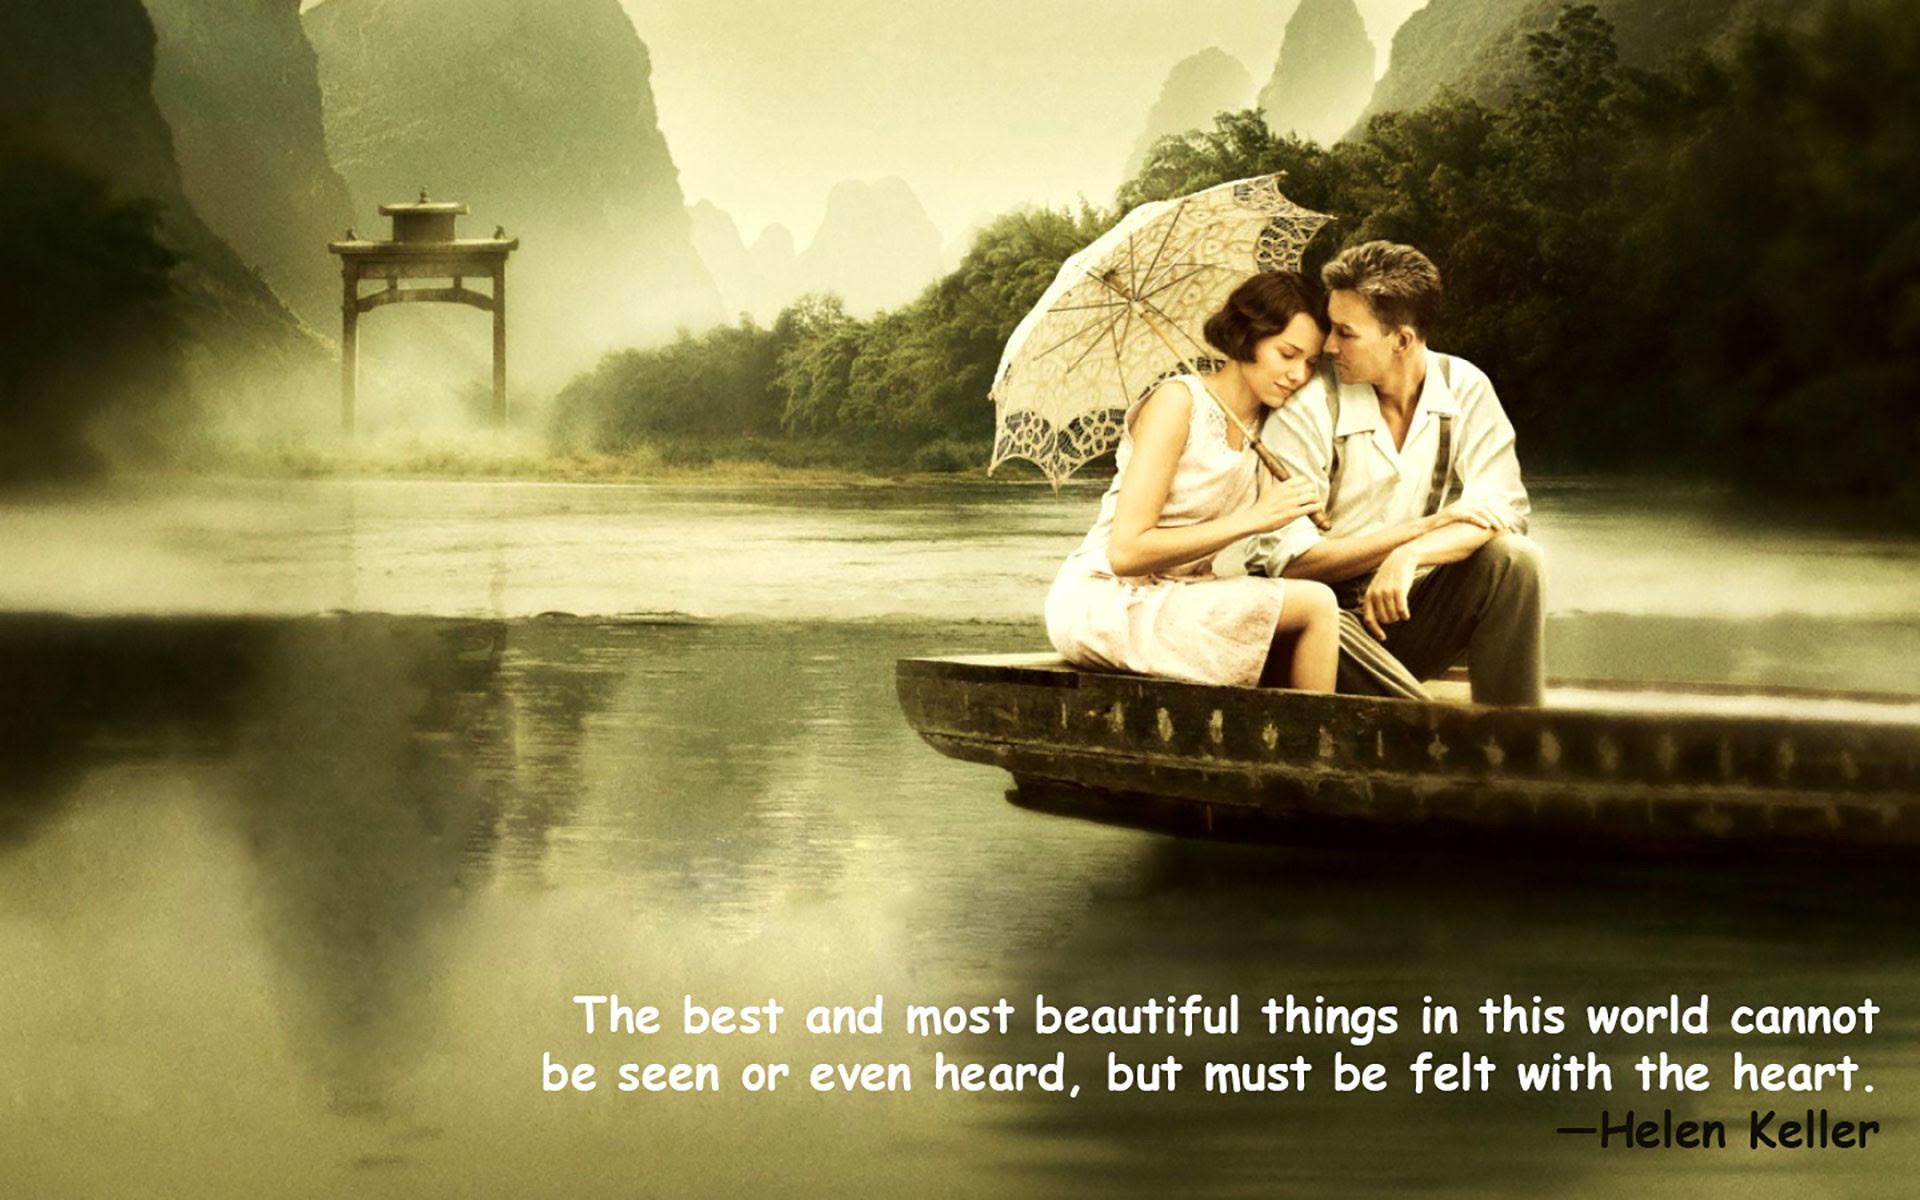 700 Romantic Wallpaper Hd Quote HD